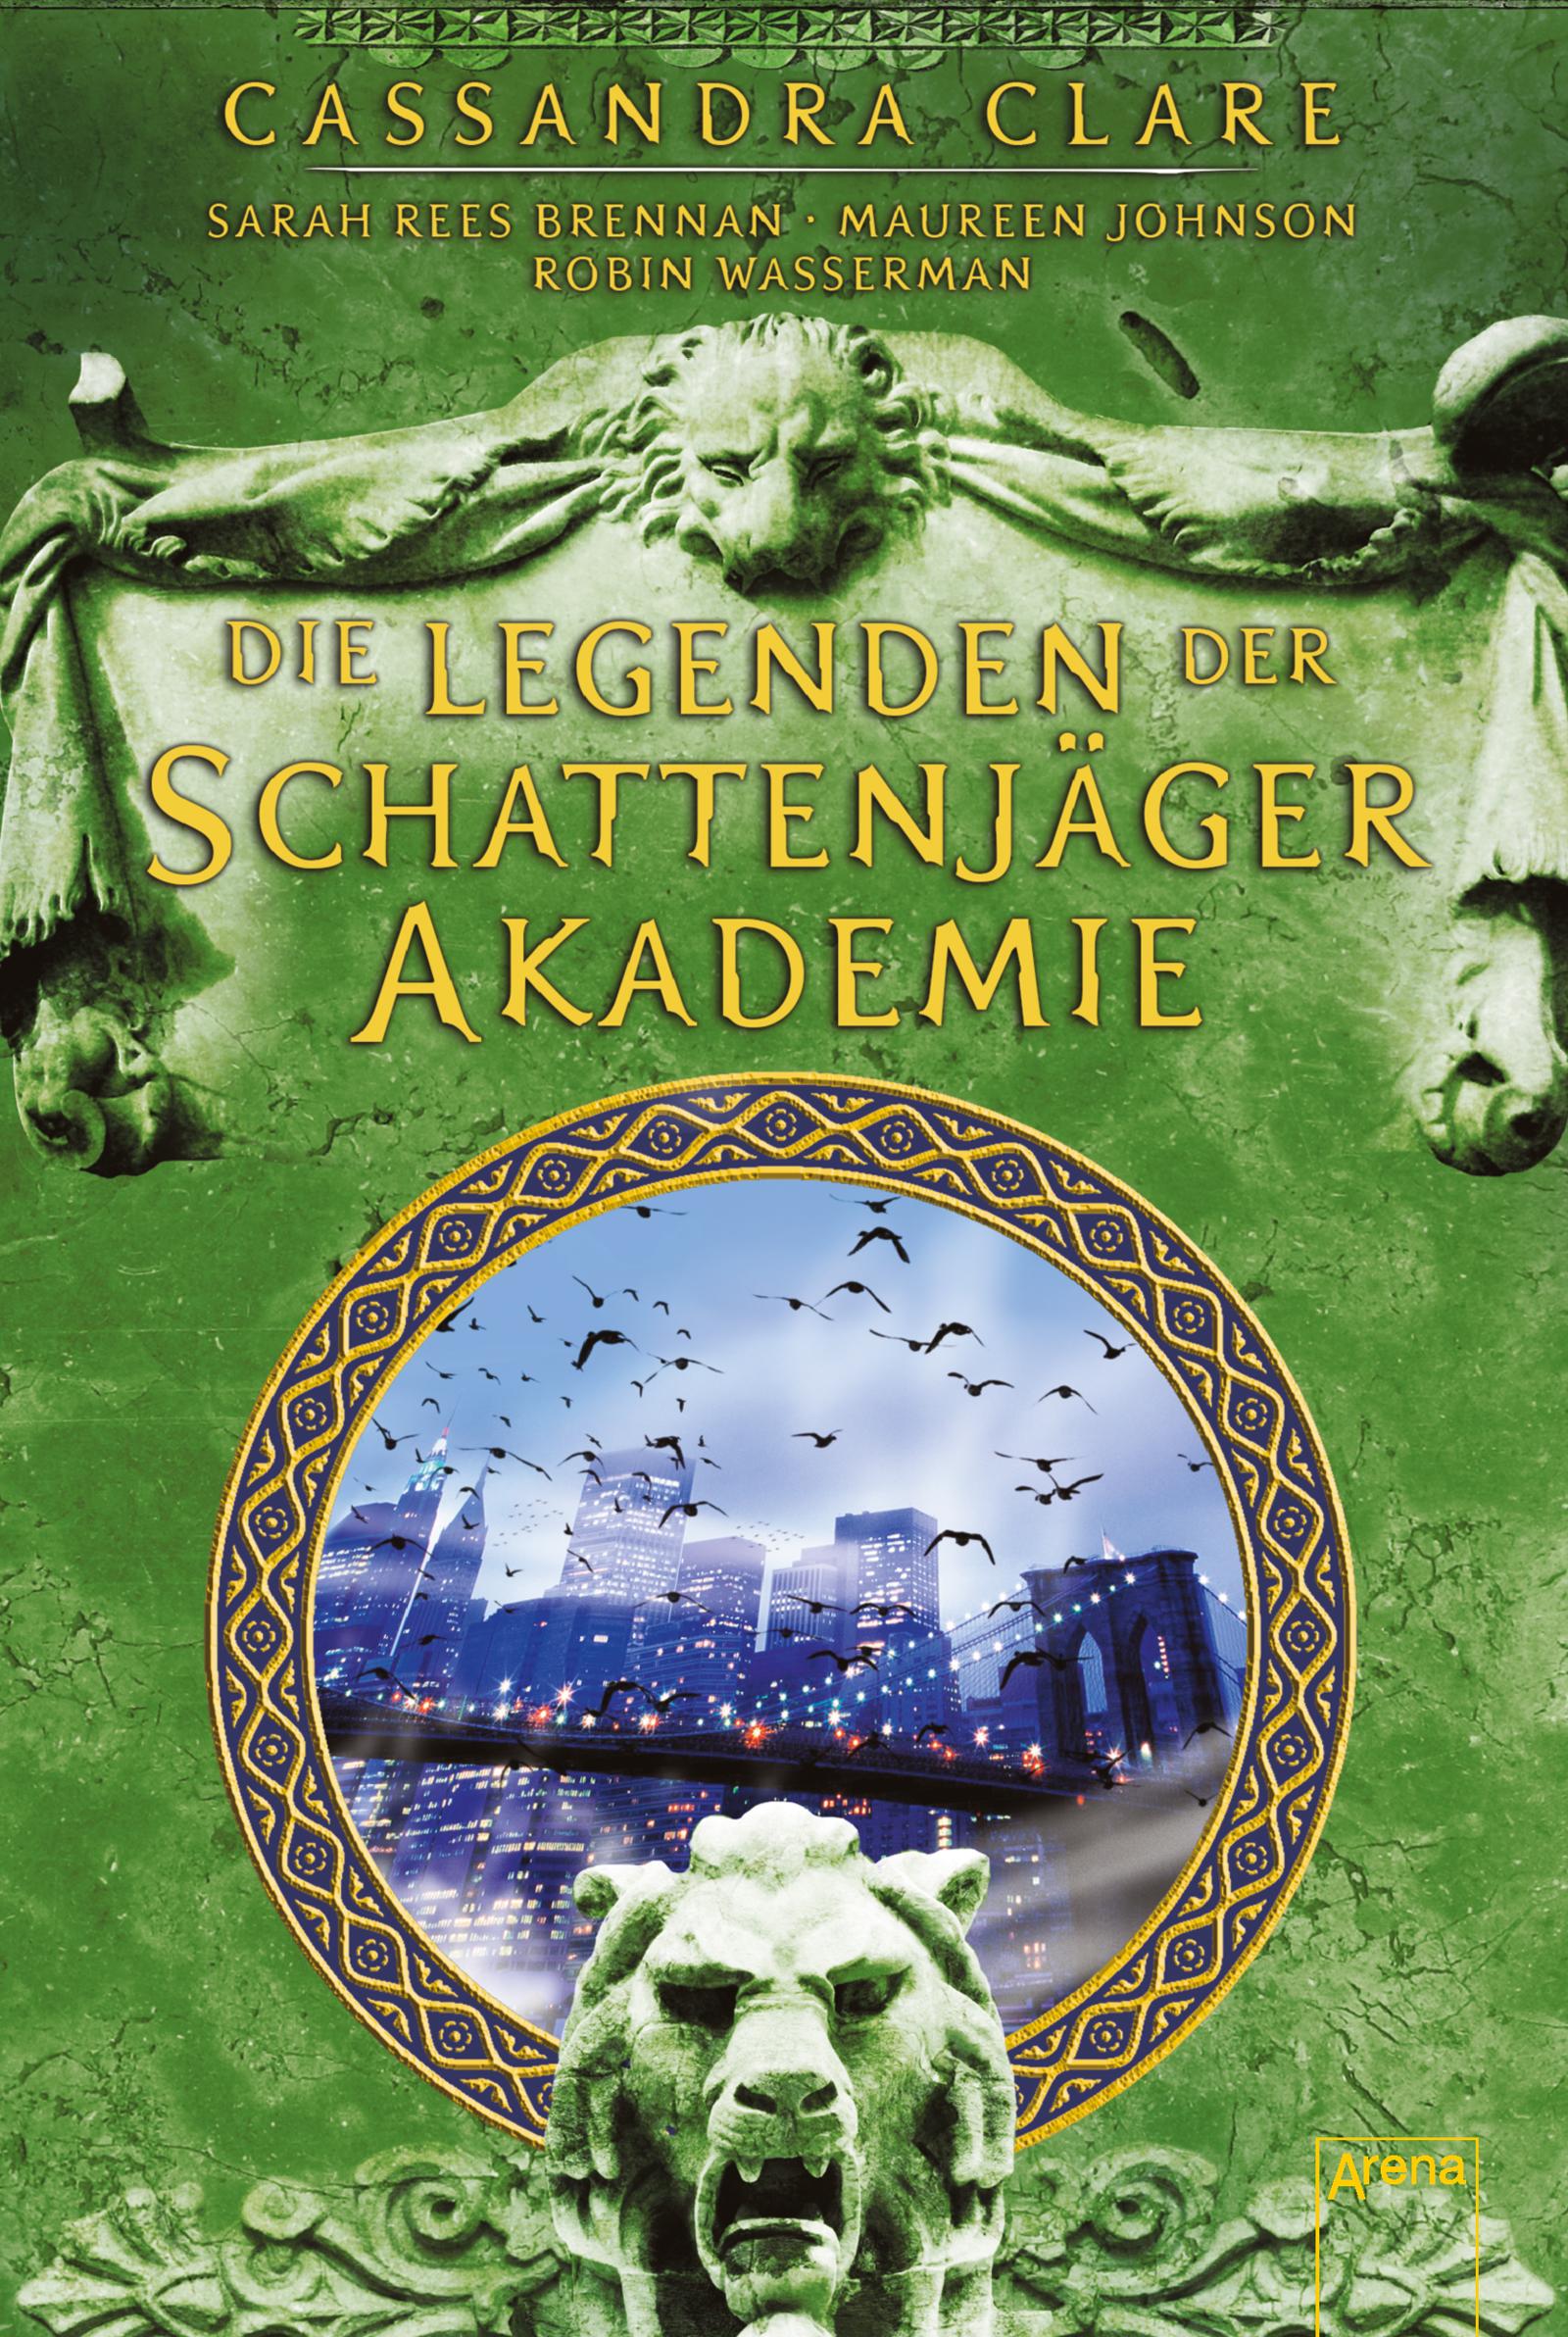 Bildergebnis für Die Legenden der Schattenjäger – Akademie von Cassandra Clare, Sarah Rees Brennan, Maureen Johnson & Robin Wasserman